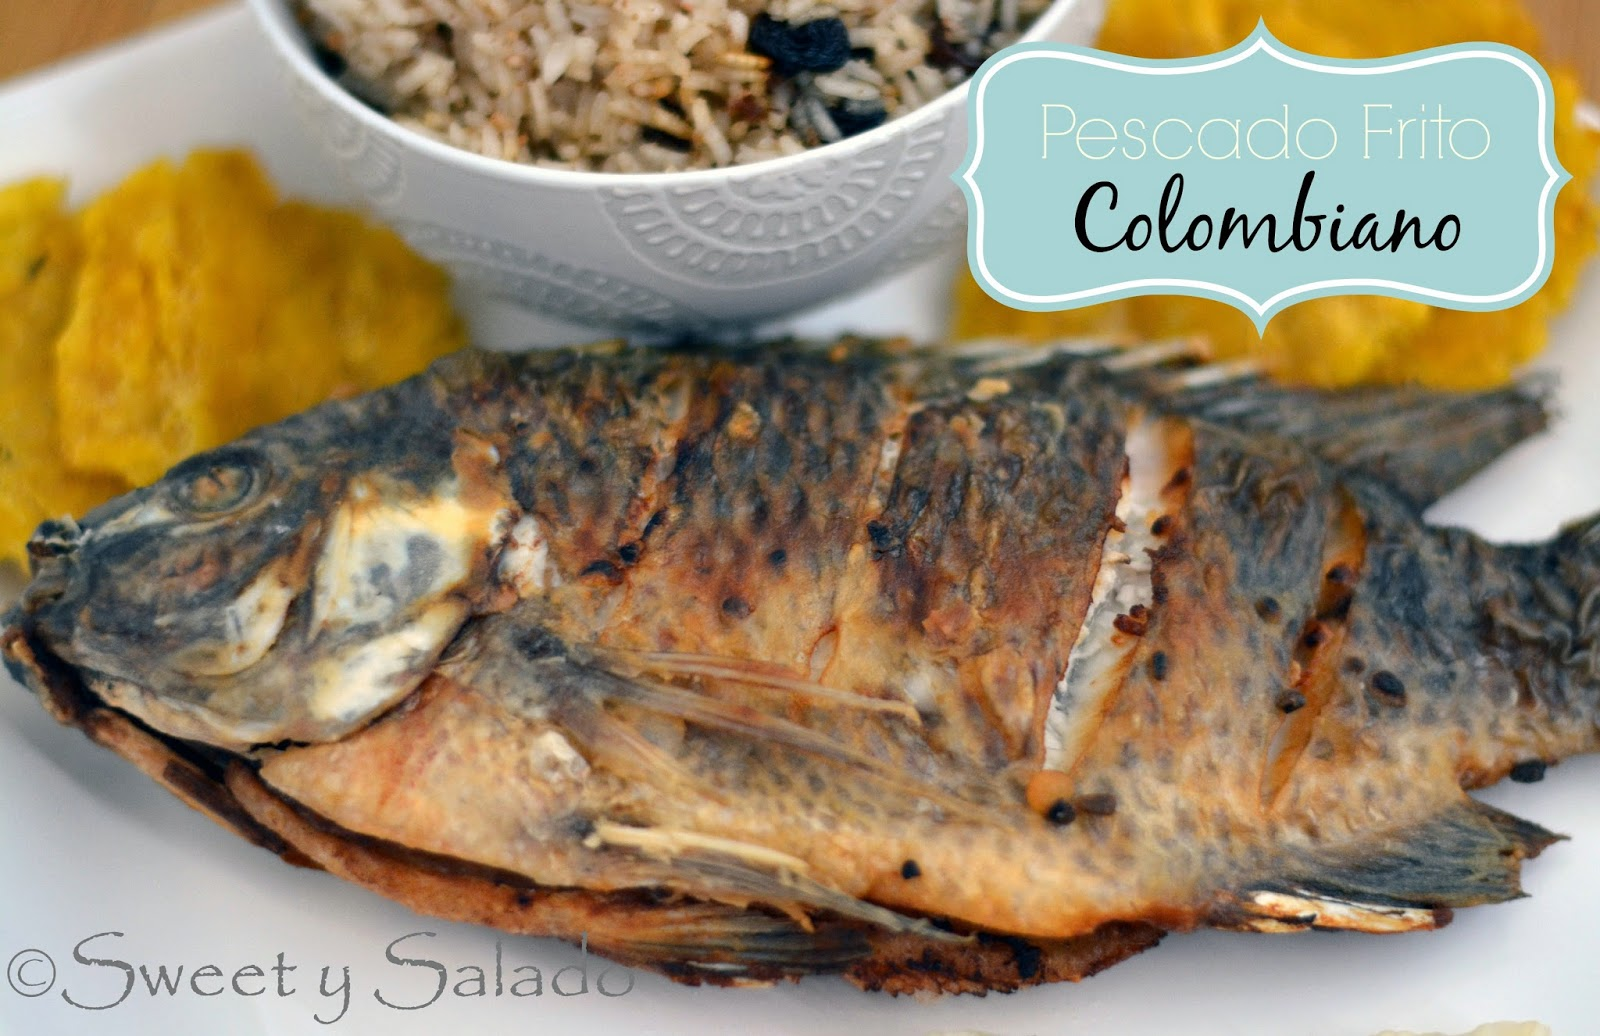 Pescado Frito Colombiano Sweet Y Salado